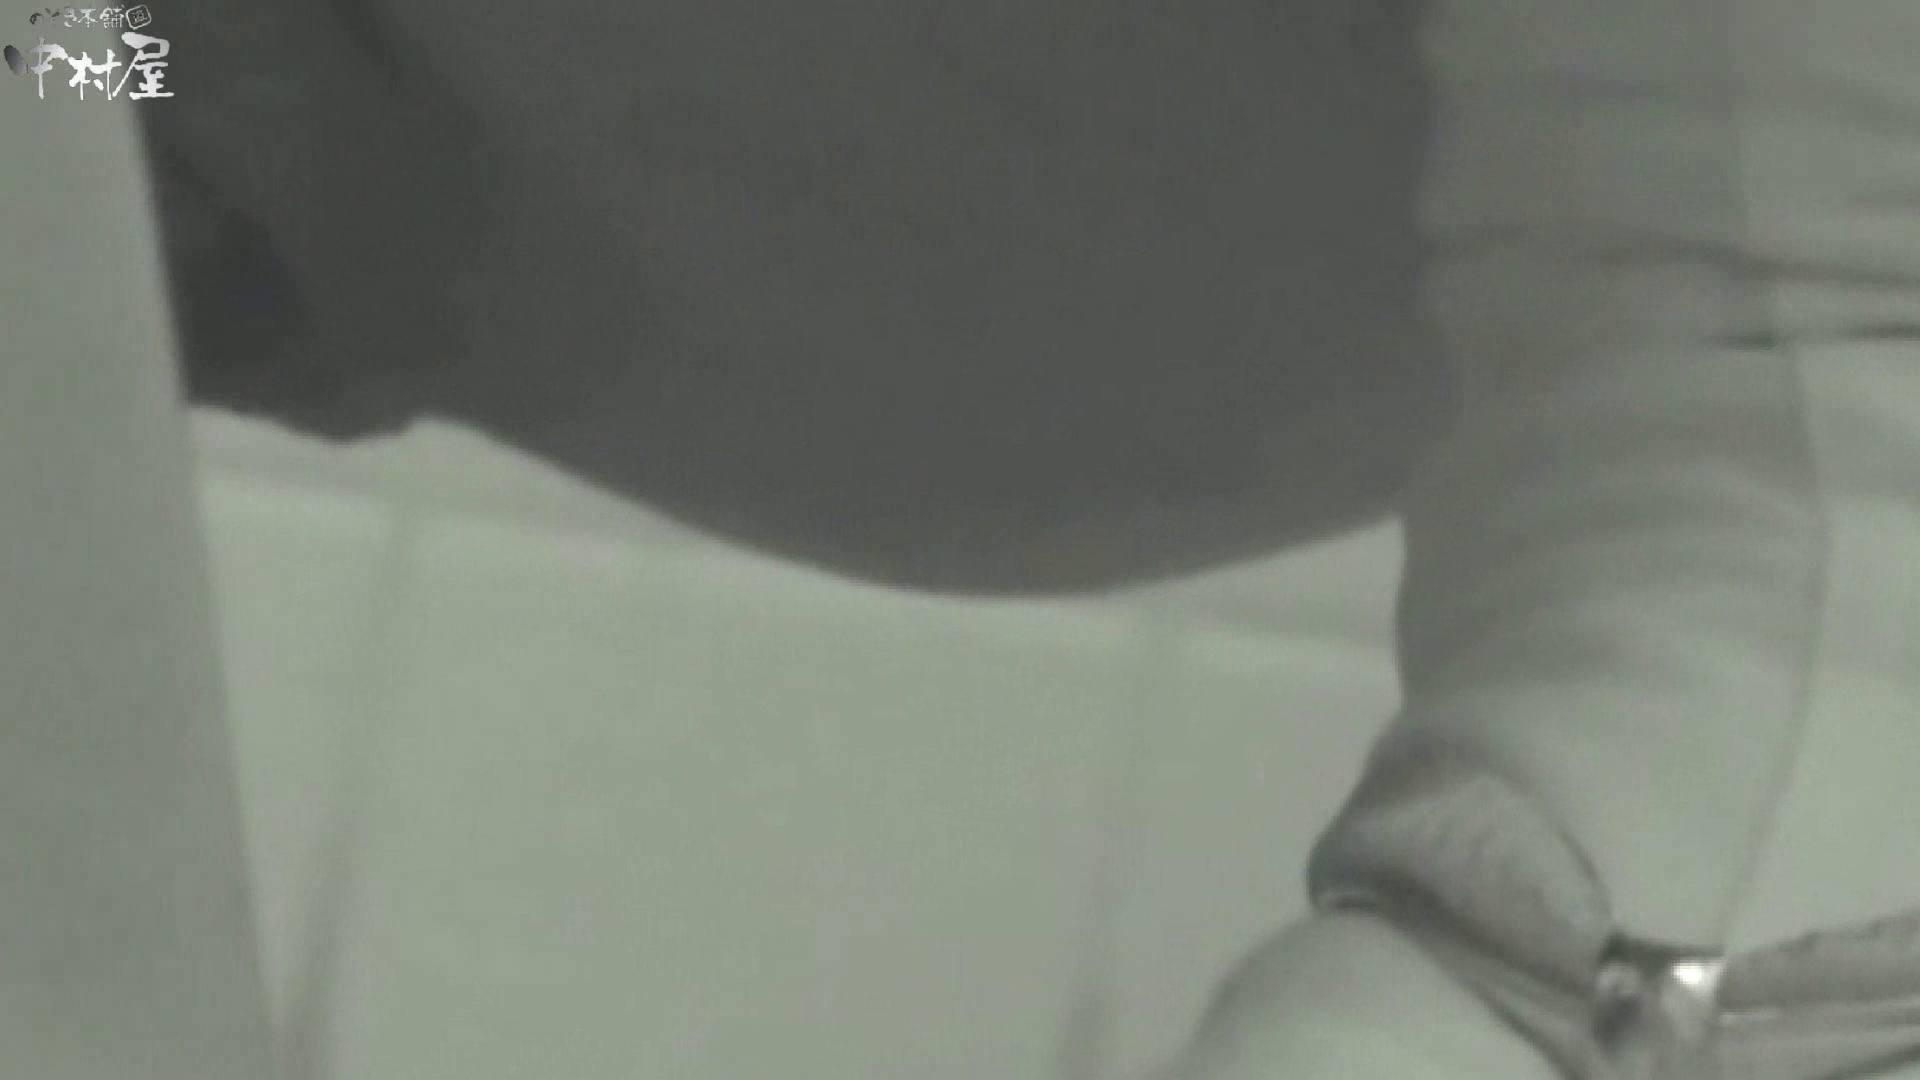 解禁!海の家4カメ洗面所vol.08 人気シリーズ | 洗面所  71pic 38